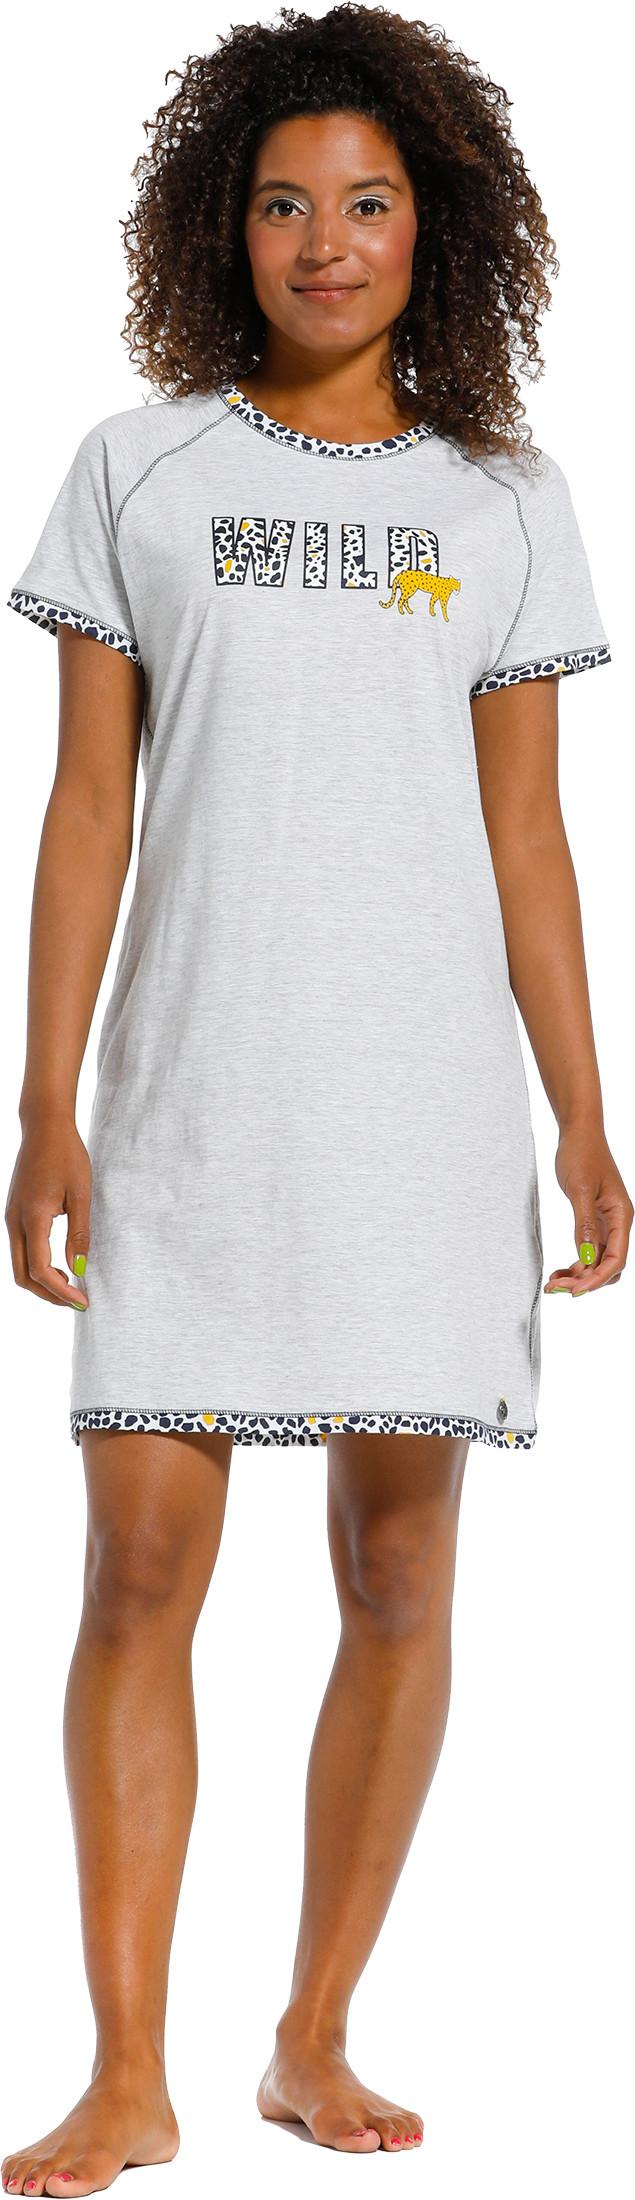 Dames nachthemd Rebelle 11211-407-2-38